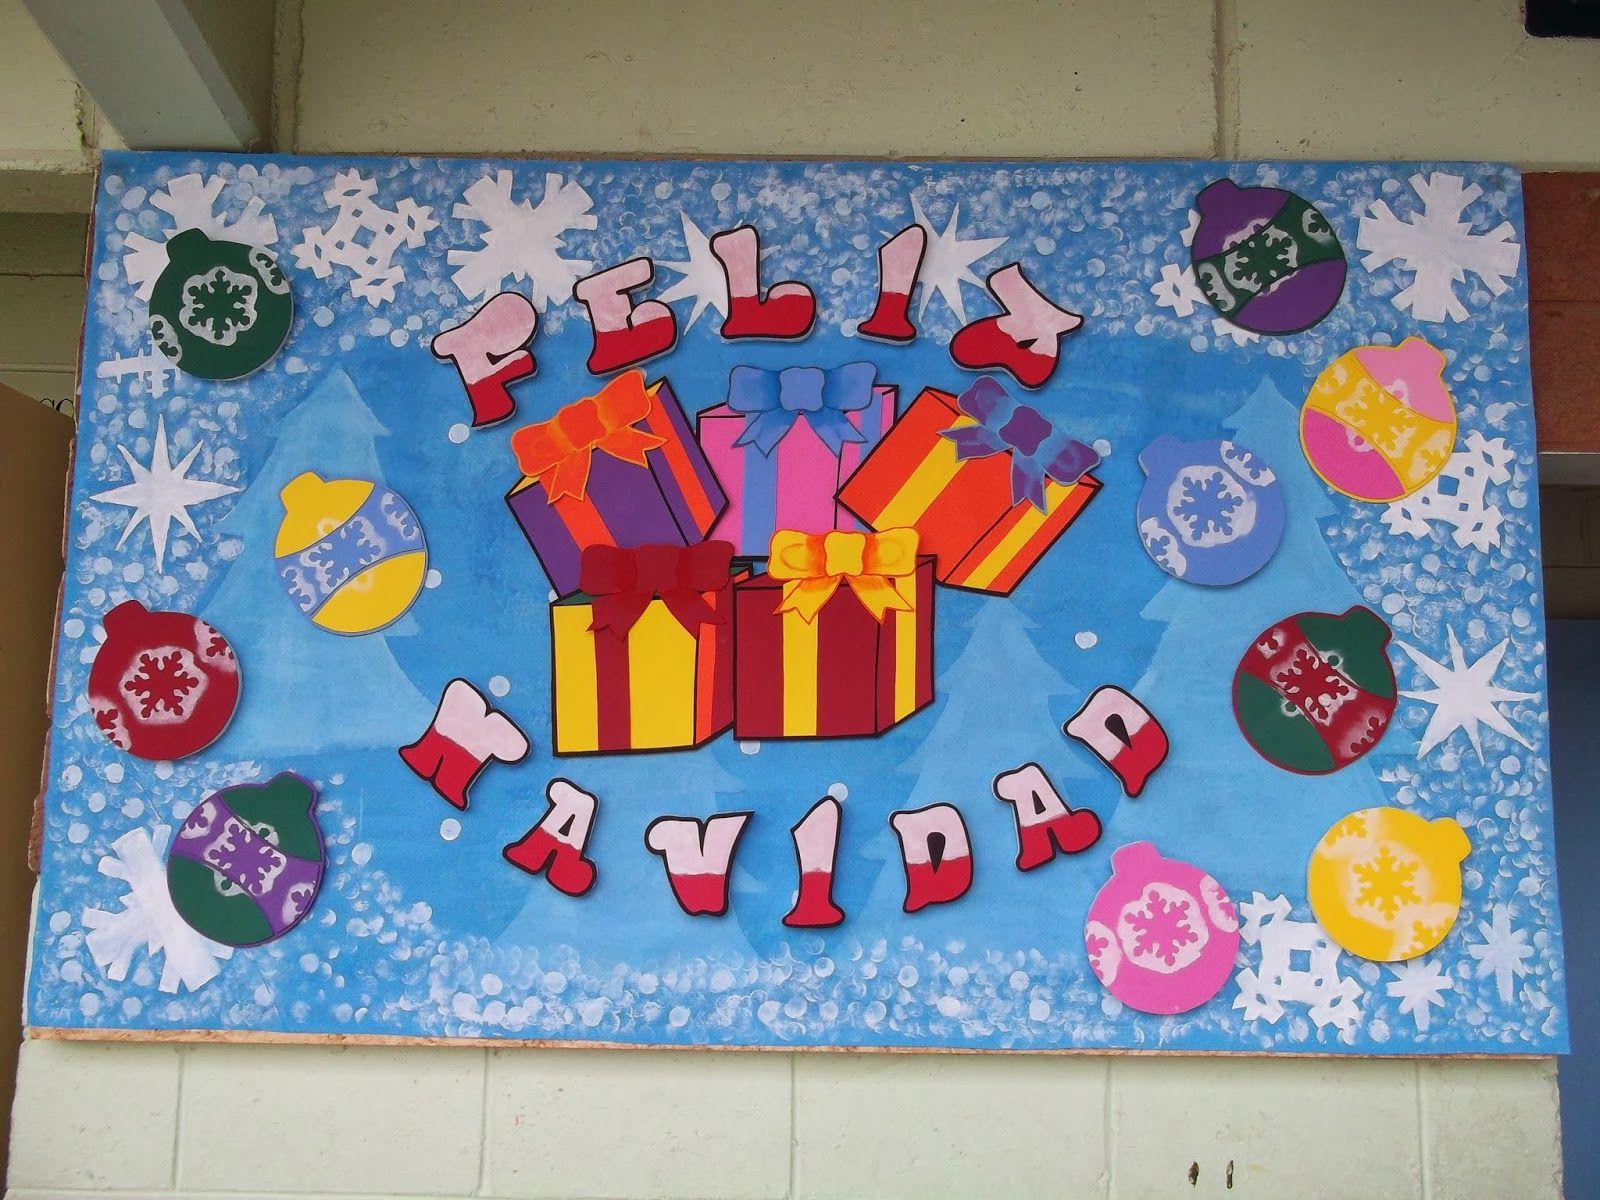 Decoraciones infantiles the teacher diciembre for Diario mural escolar